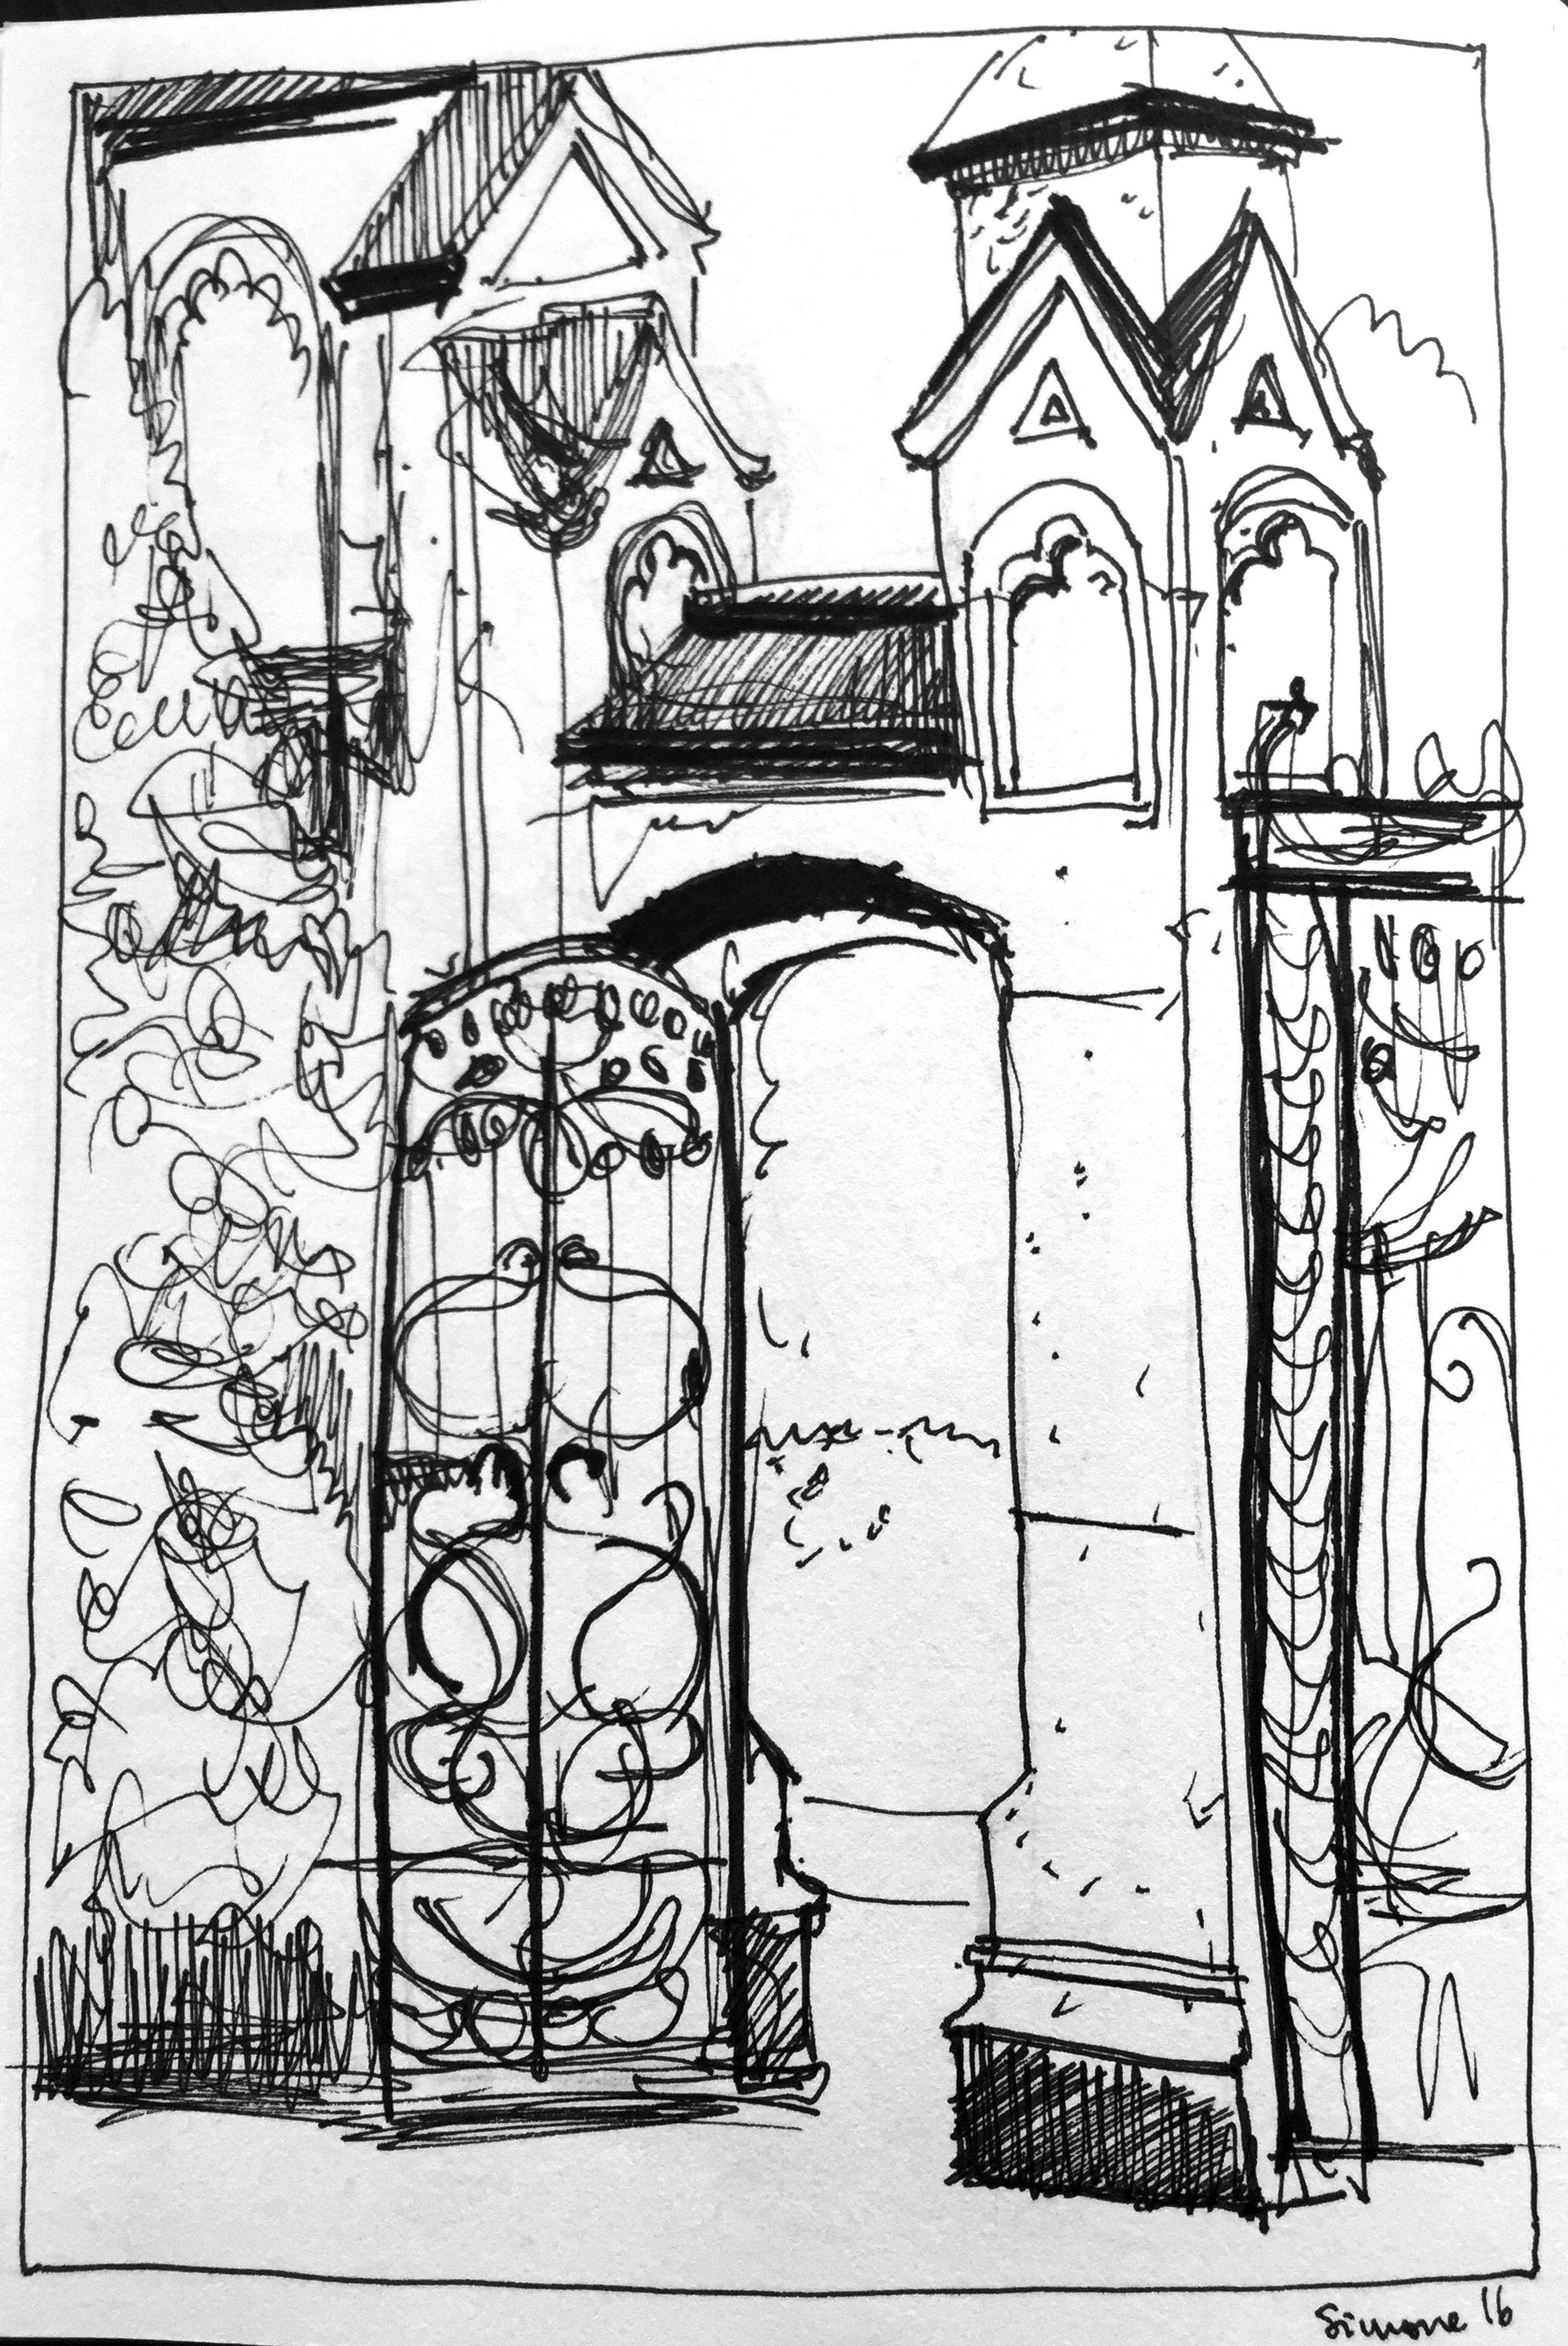 Simone Schauwecker_Villa Eglig Tor,astrid amadeo,urban sketching, Zeichnen am Samstag Morgen in Zürich,